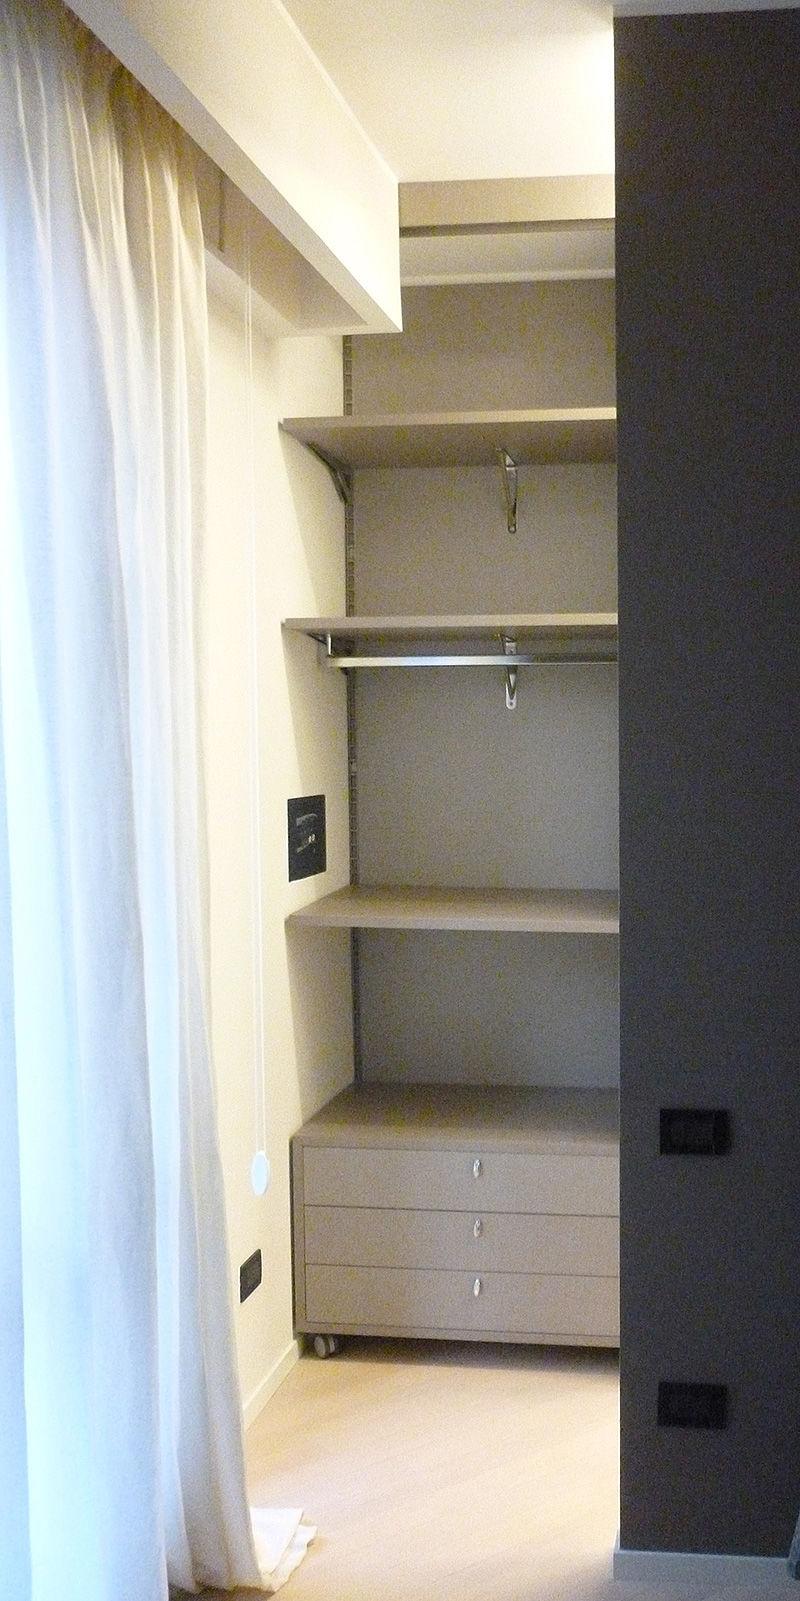 Interventi di interior design e disegno arredi nella casa privata ...